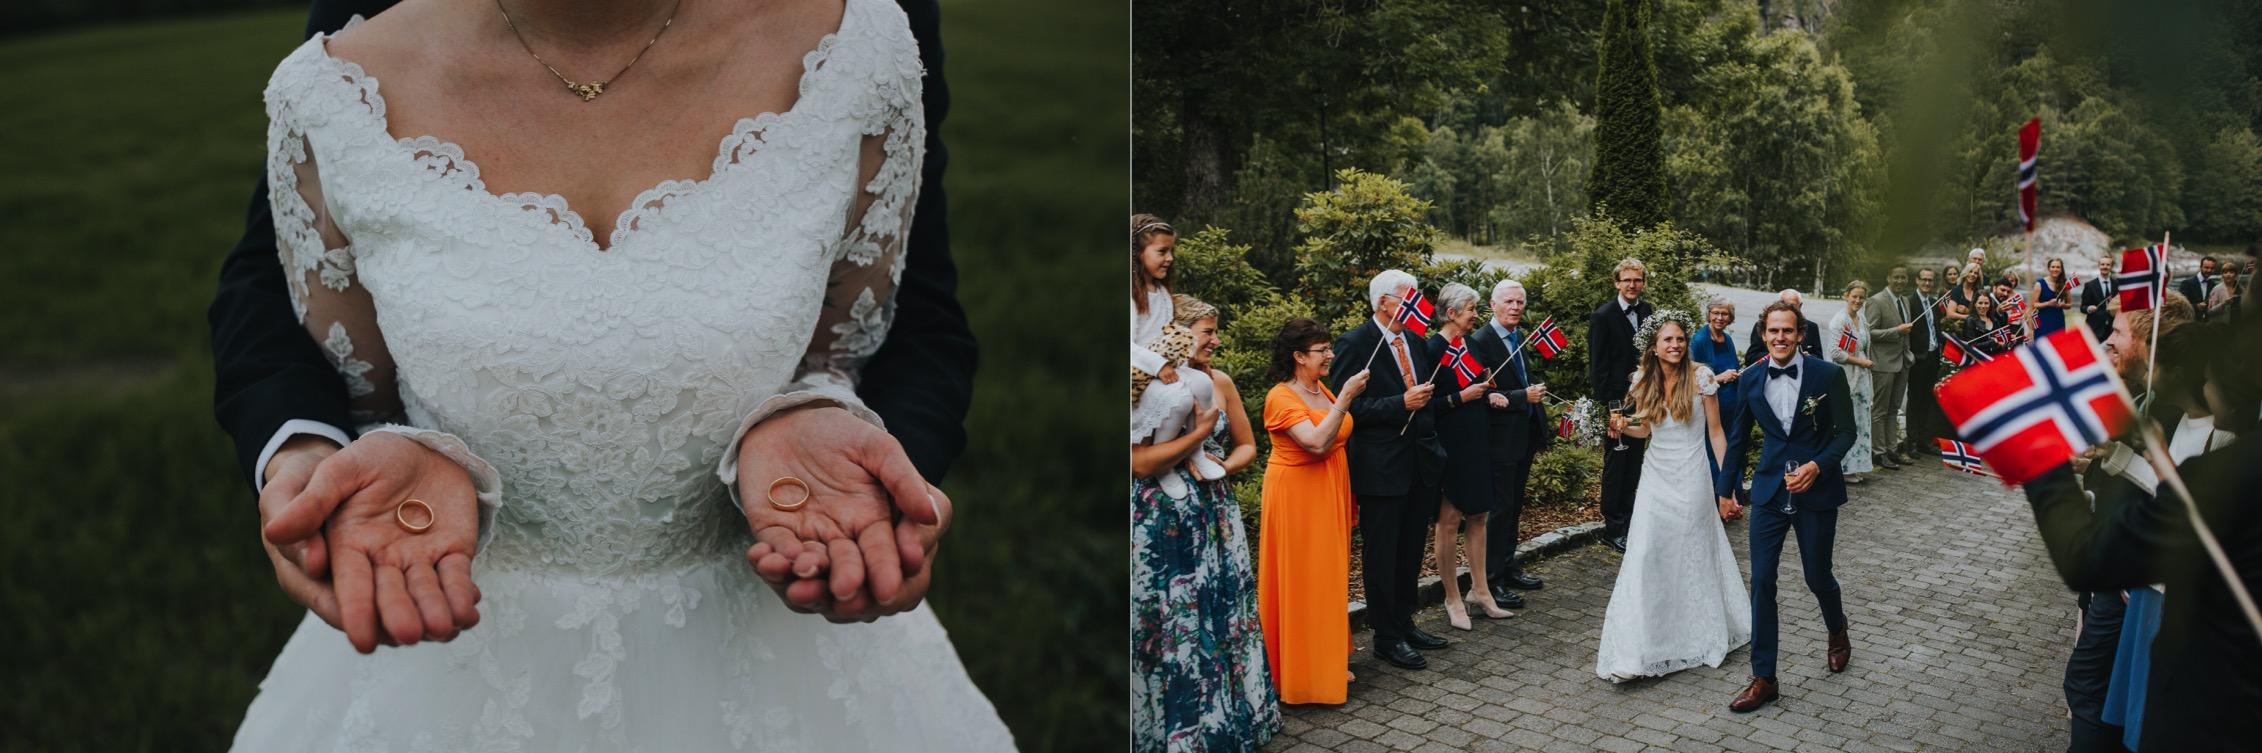 2017 wedding 2017 0045.jpg